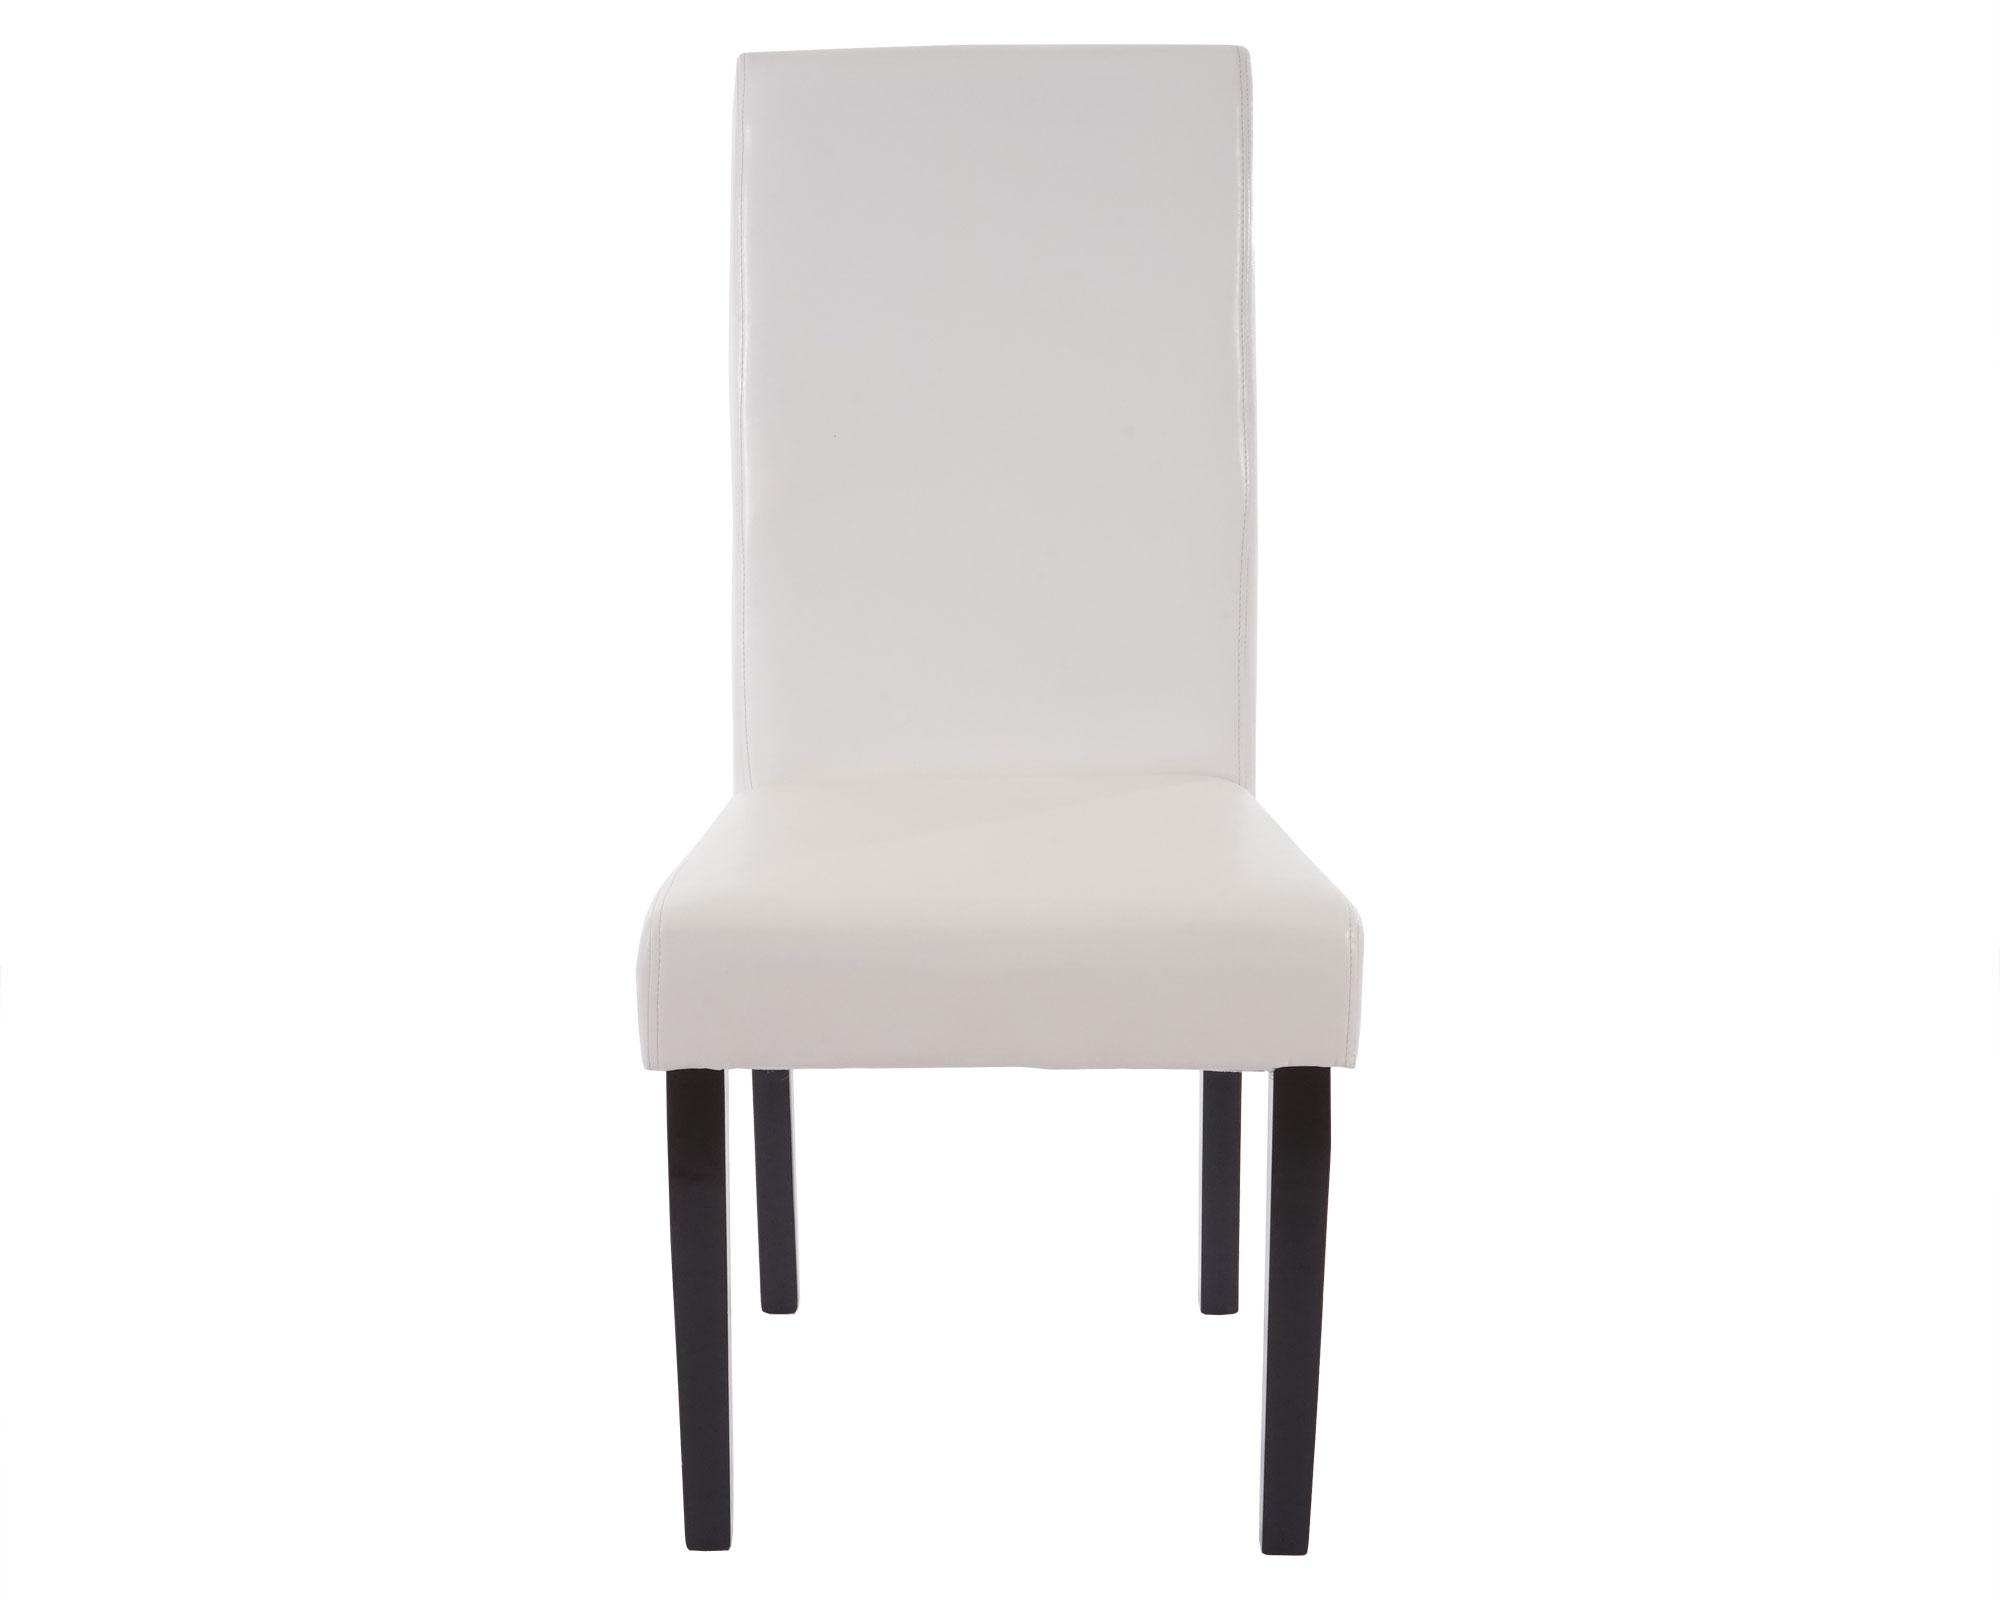 6x esszimmerstuhl t378 xl stuhl lehnstuhl kunstleder wei dunkle beine. Black Bedroom Furniture Sets. Home Design Ideas